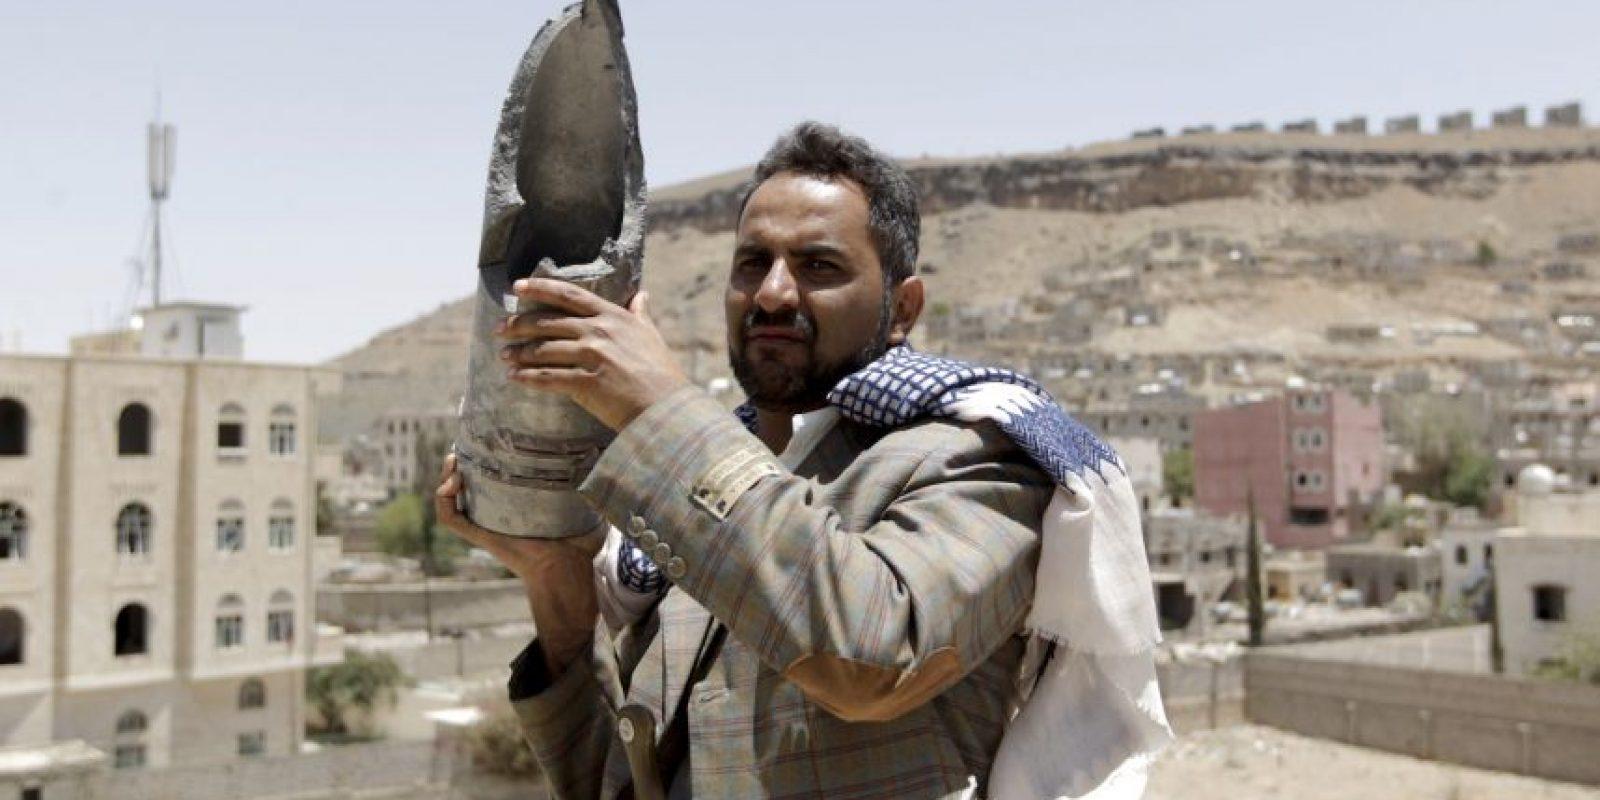 El martes 21 de abril se dieron por concluidos los ataques aéreo sobre Yemen, por la coalición árabe liderada por Arabia Saudita. Foto:AFP